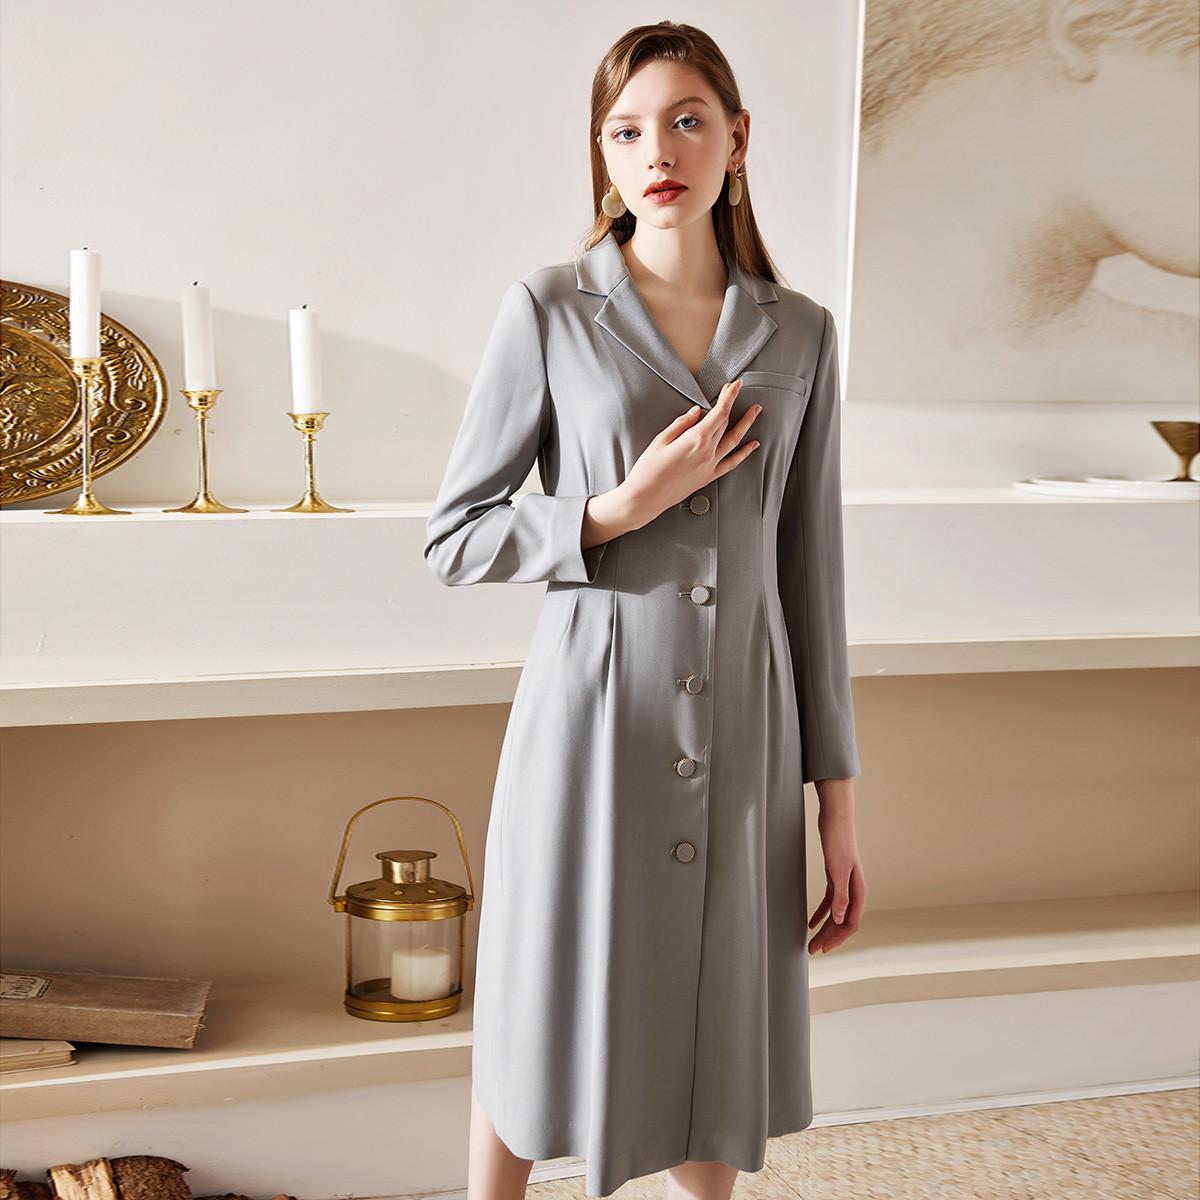 時尚加入新方向 廣州戈蔓婷品牌女裝綻放女性優雅氣質